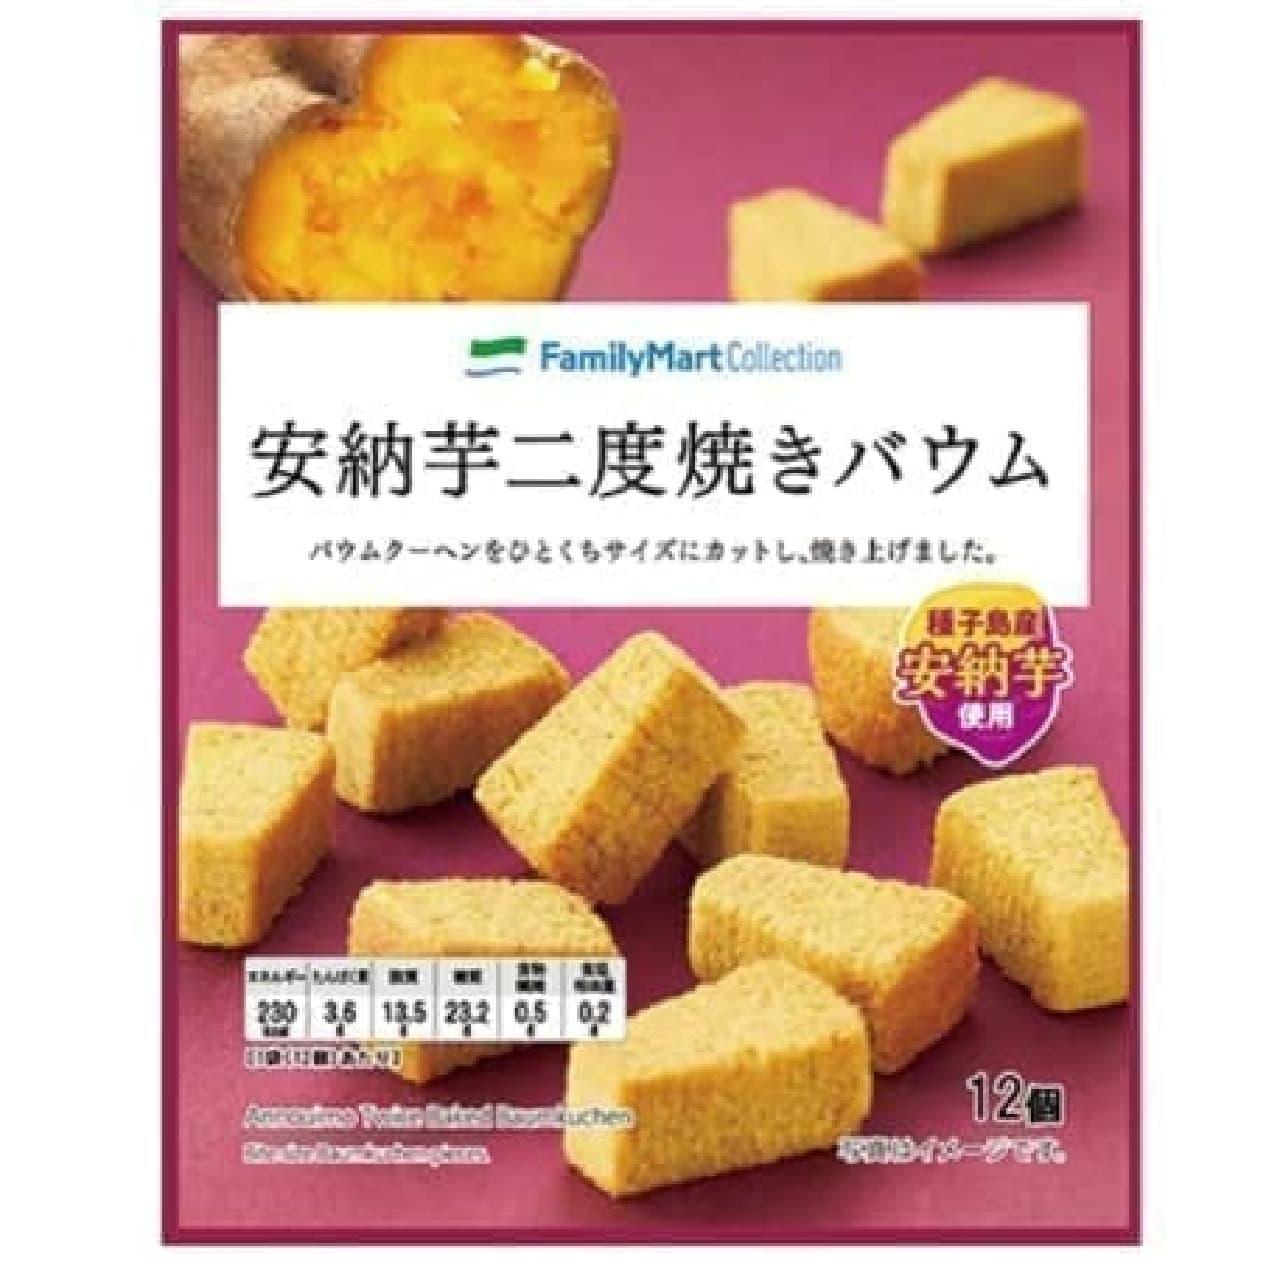 ファミリーマート「安納芋二度焼きバウム」